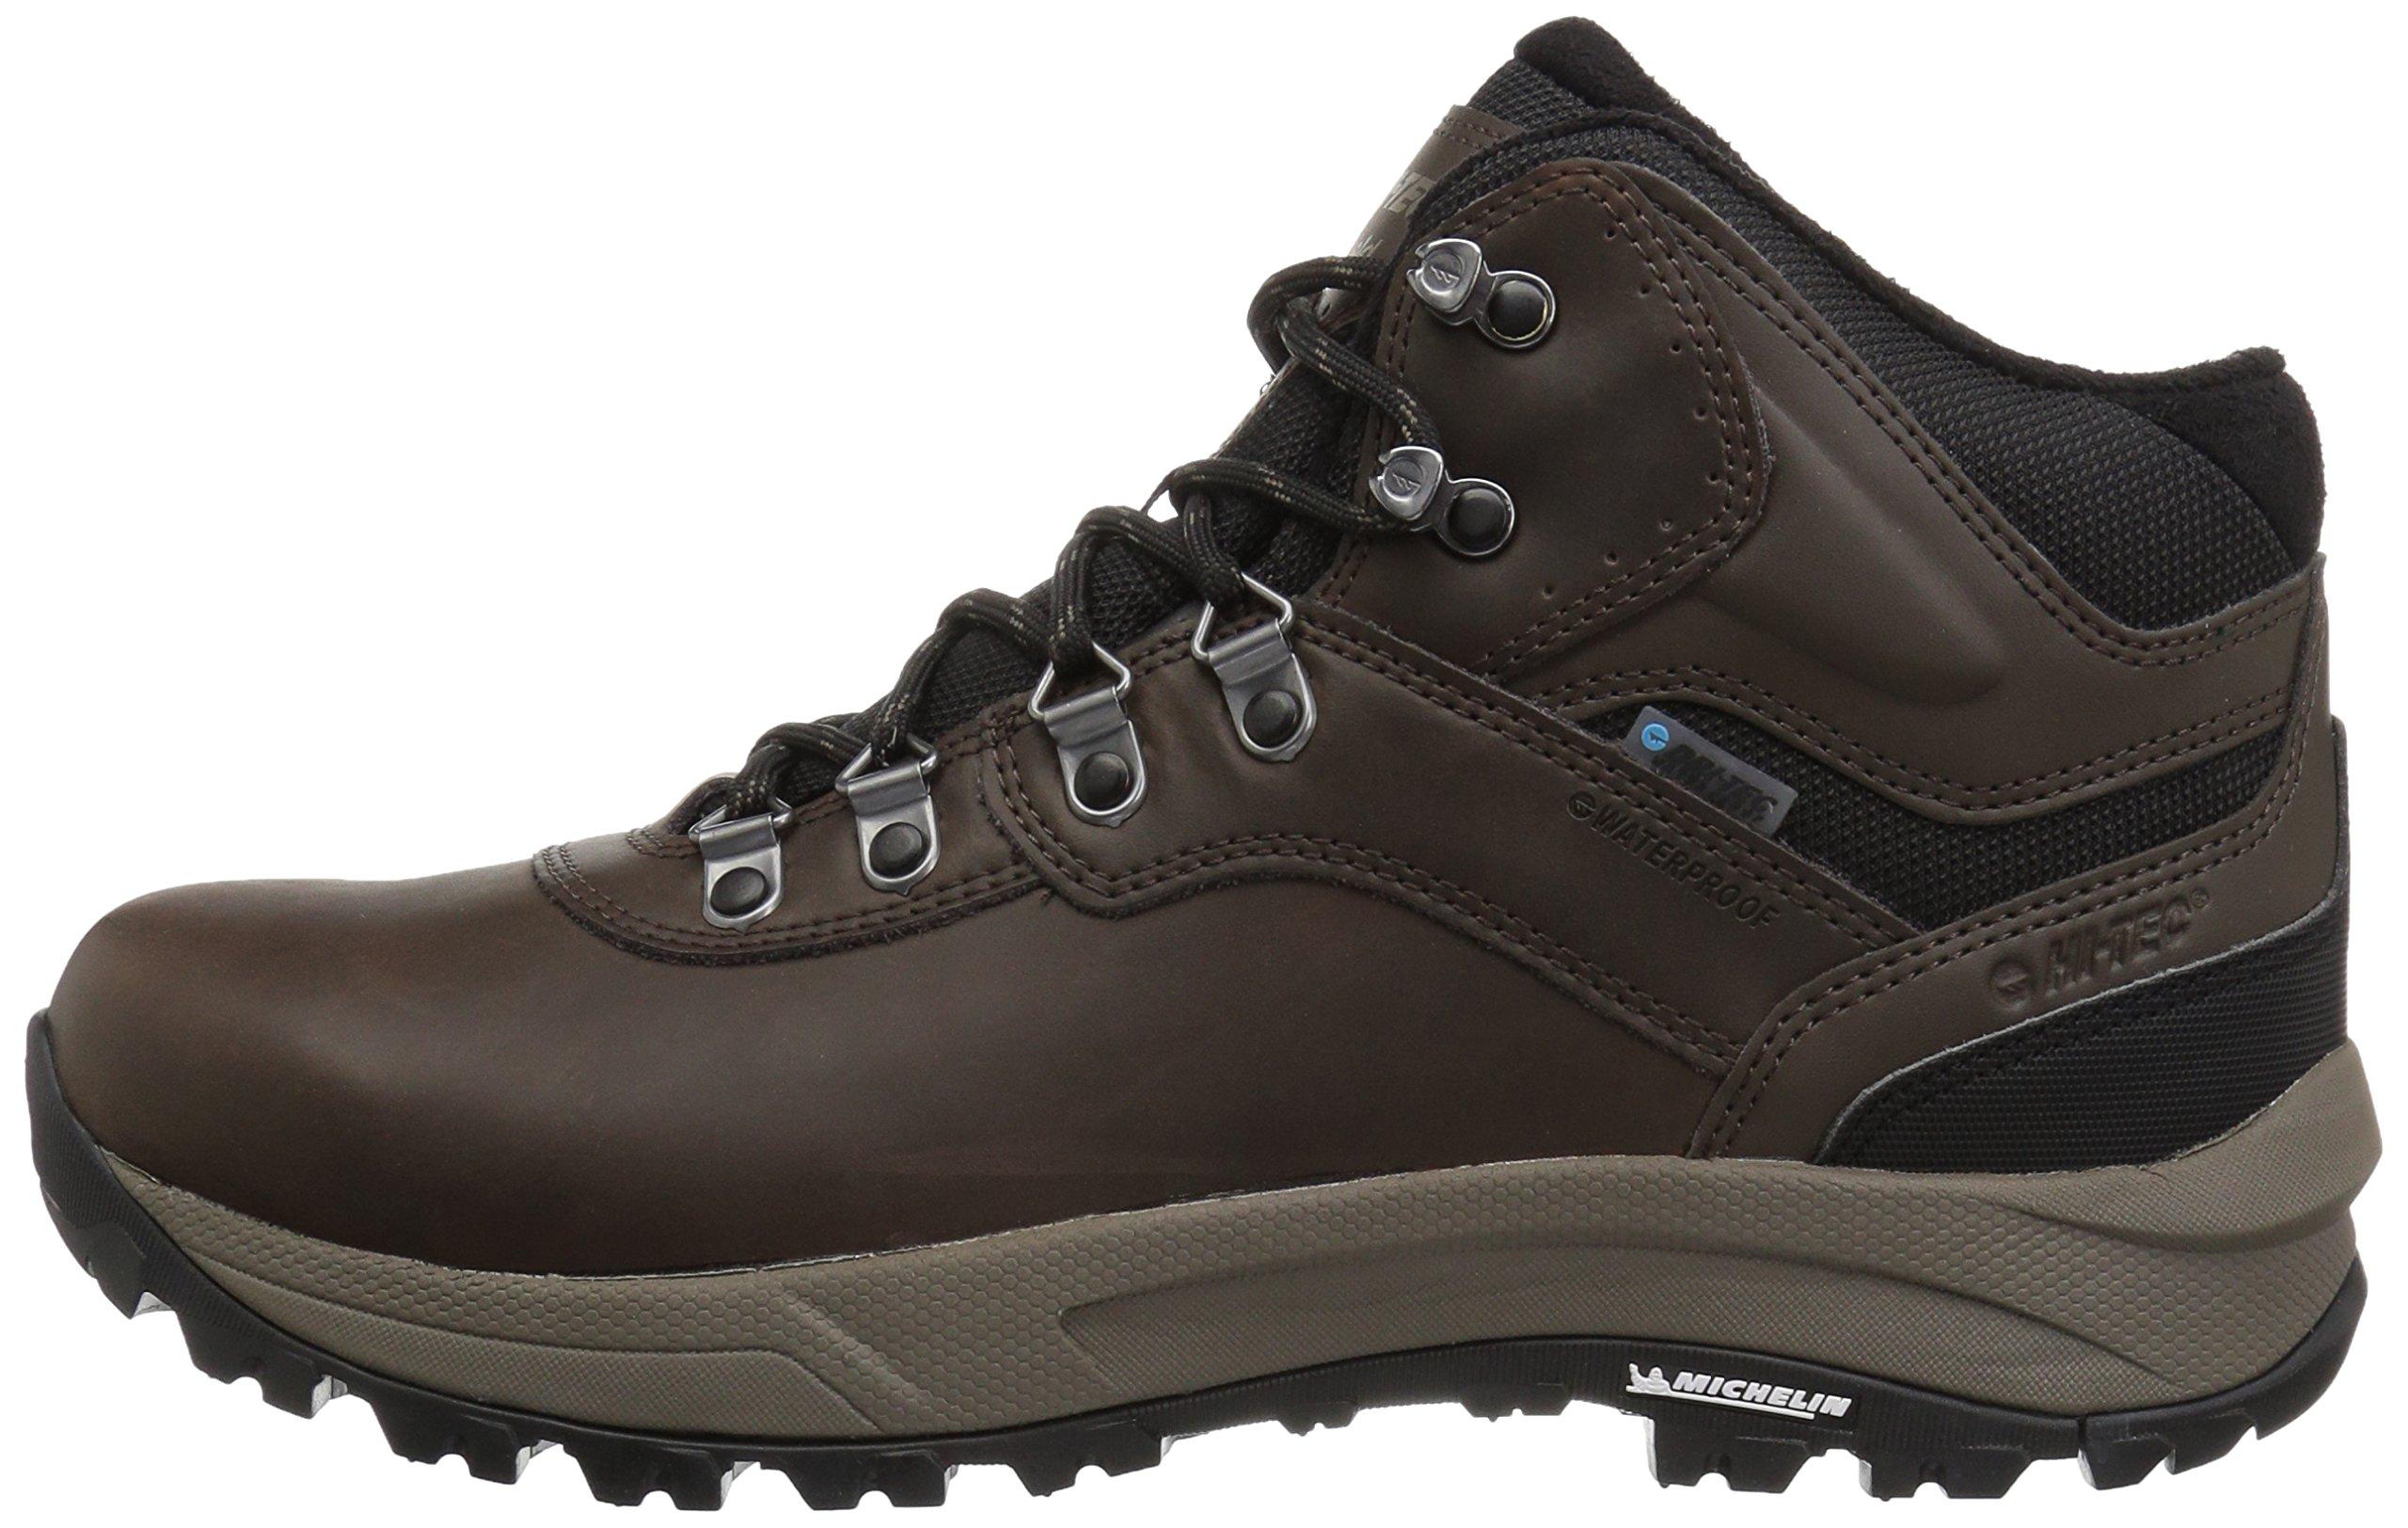 Hi-Tec Men's Altitude VI I Waterproof Hiking Boot, Dark Chocolate, 9.5 D US by Hi-Tec (Image #5)